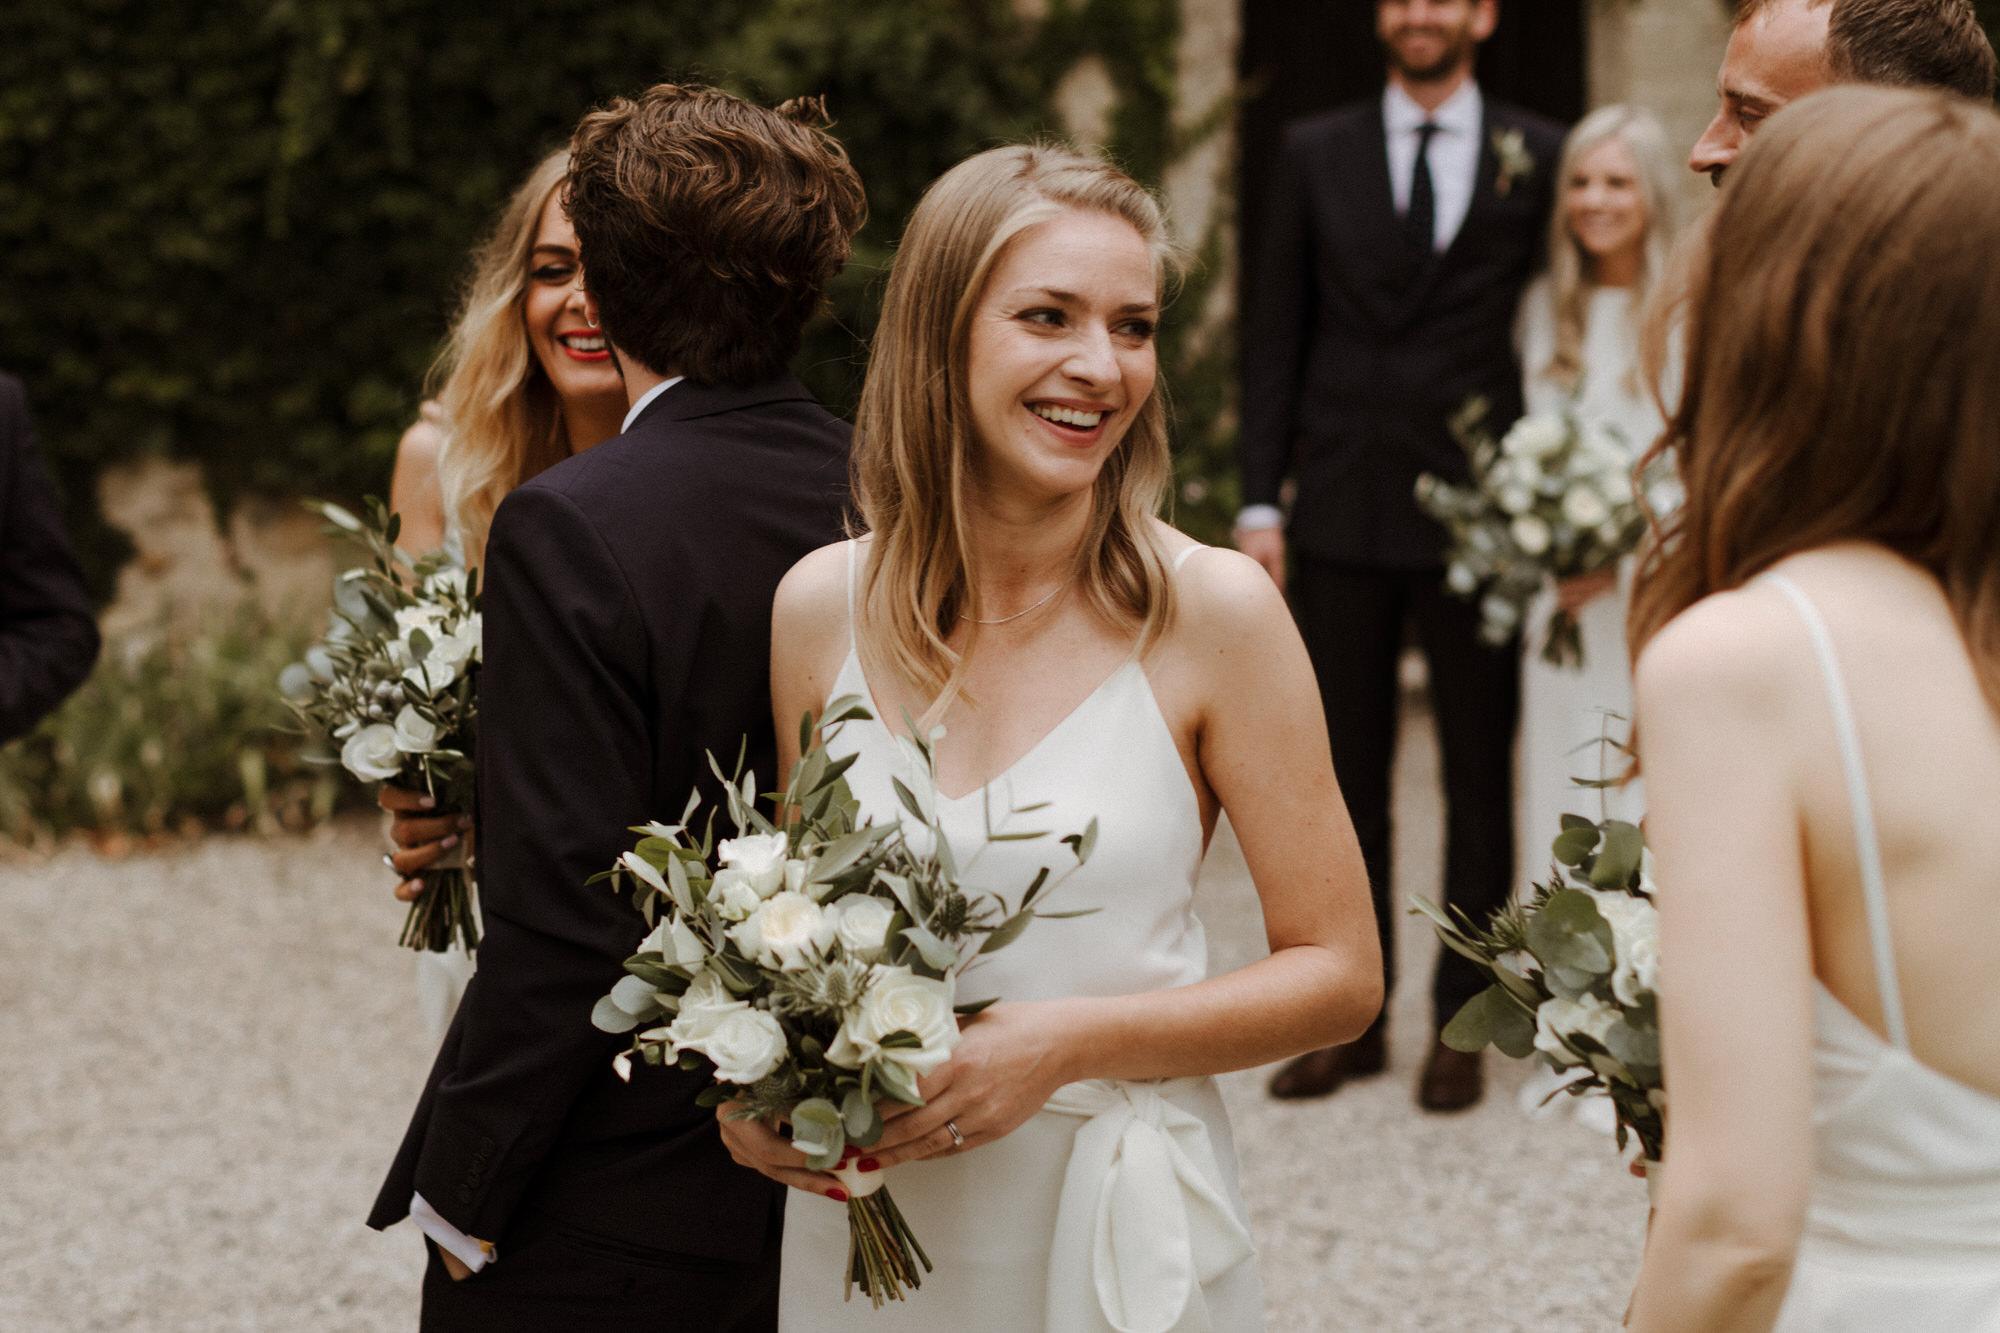 Chateau Rigaud Wedding Photography 16-39-24-1Q5A2472-R+L.jpg